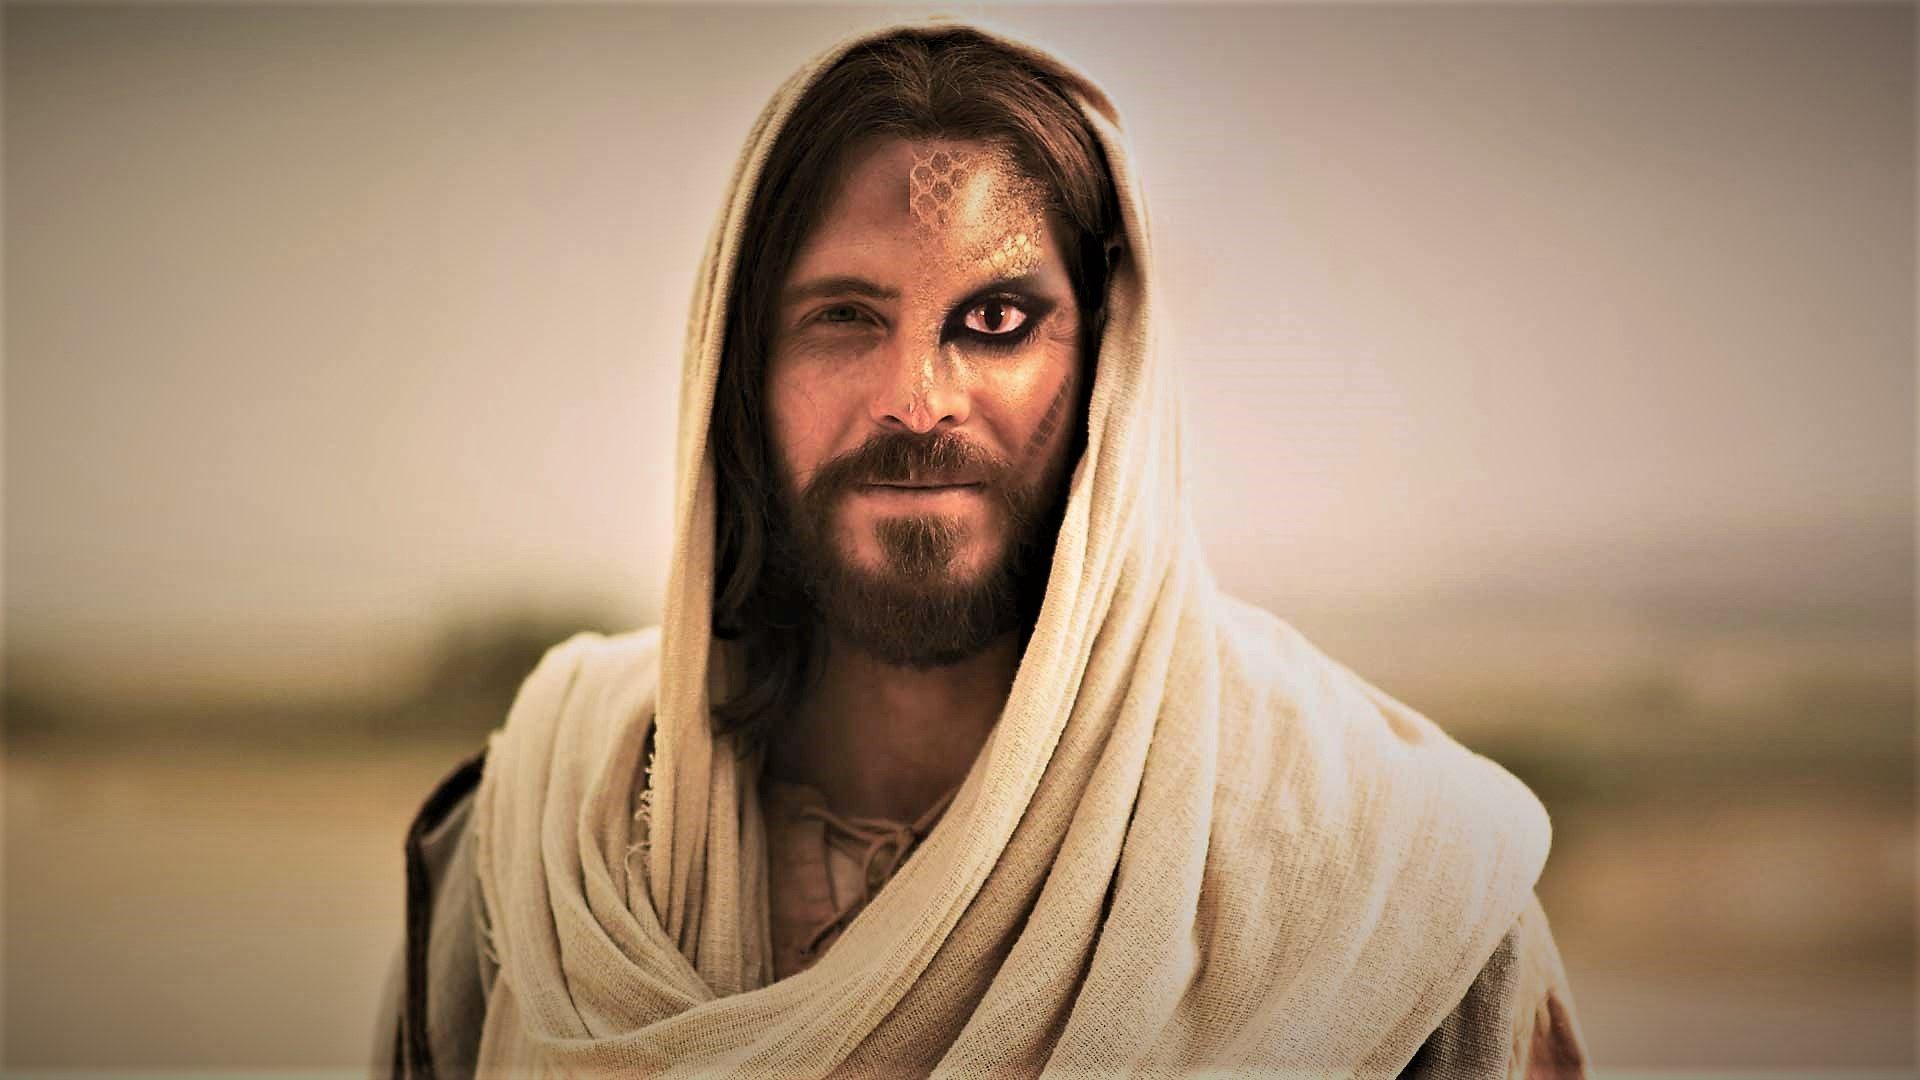 Antiguo texto egipcio dice que Jesús era un «extraterrestre» que podía cambiar de forma física